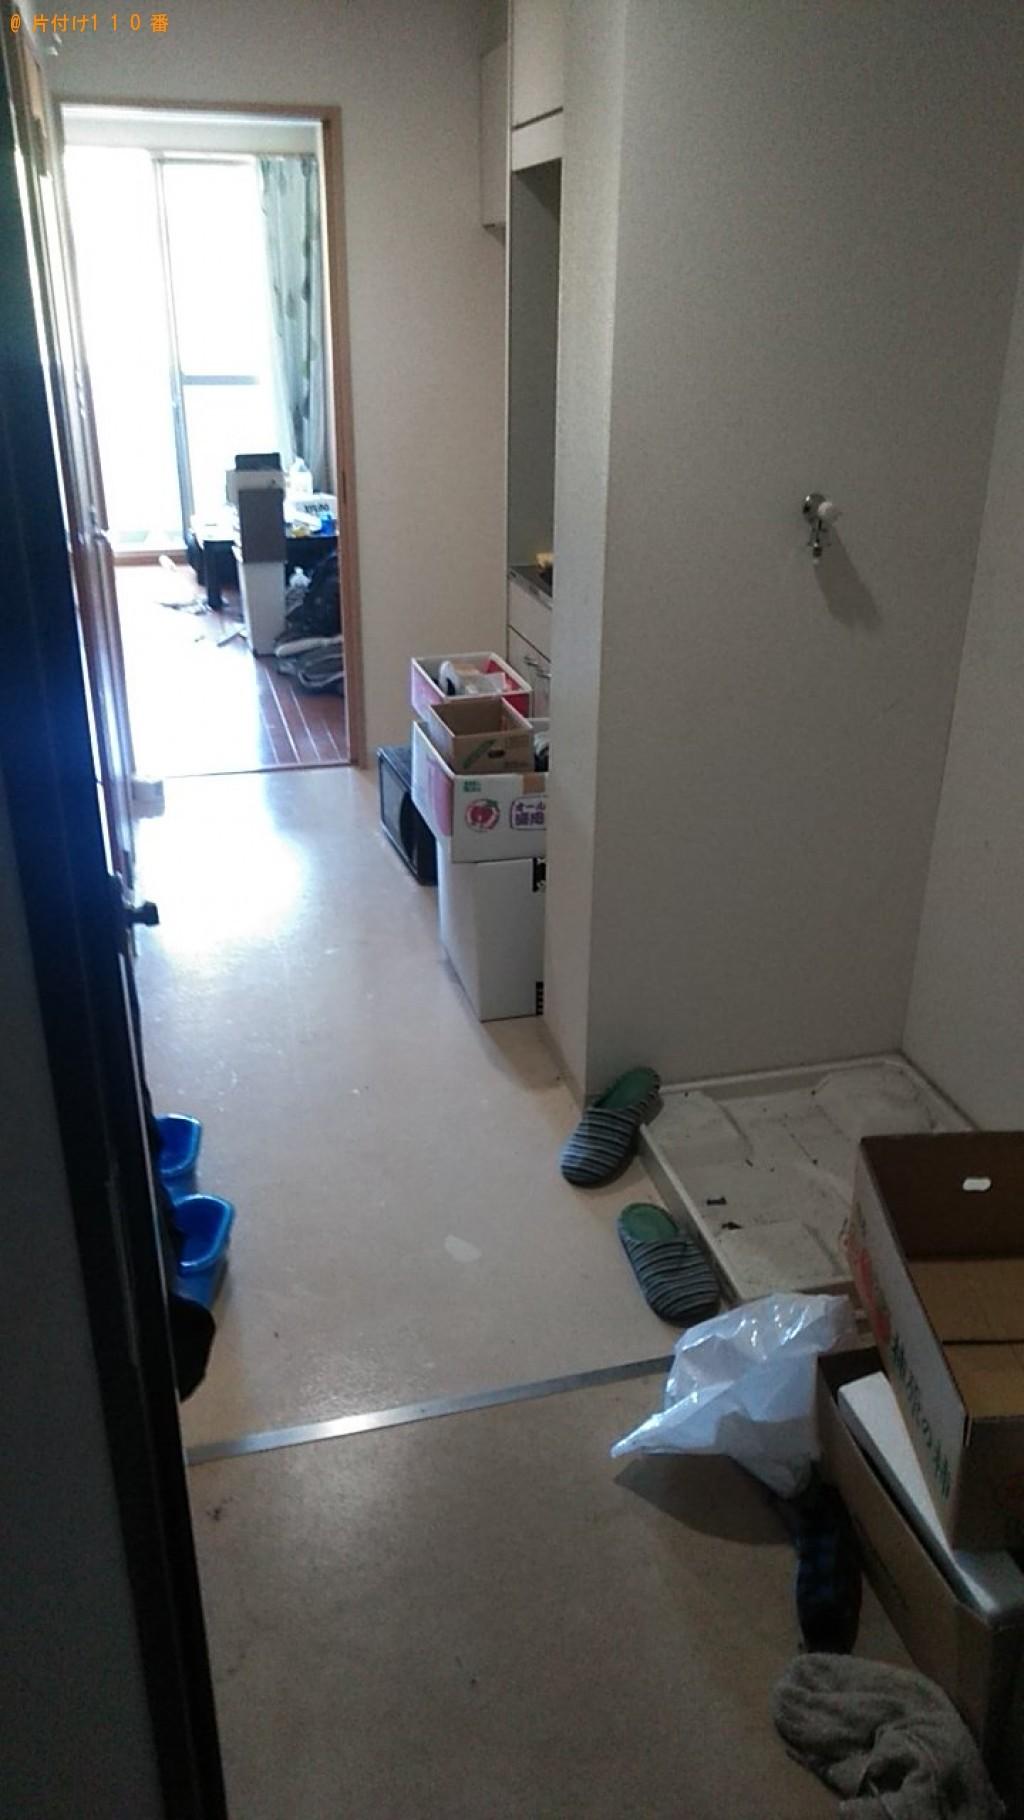 【和歌山市】冷蔵庫、洗濯機、折り畳みベッド、ロフトベッドの回収